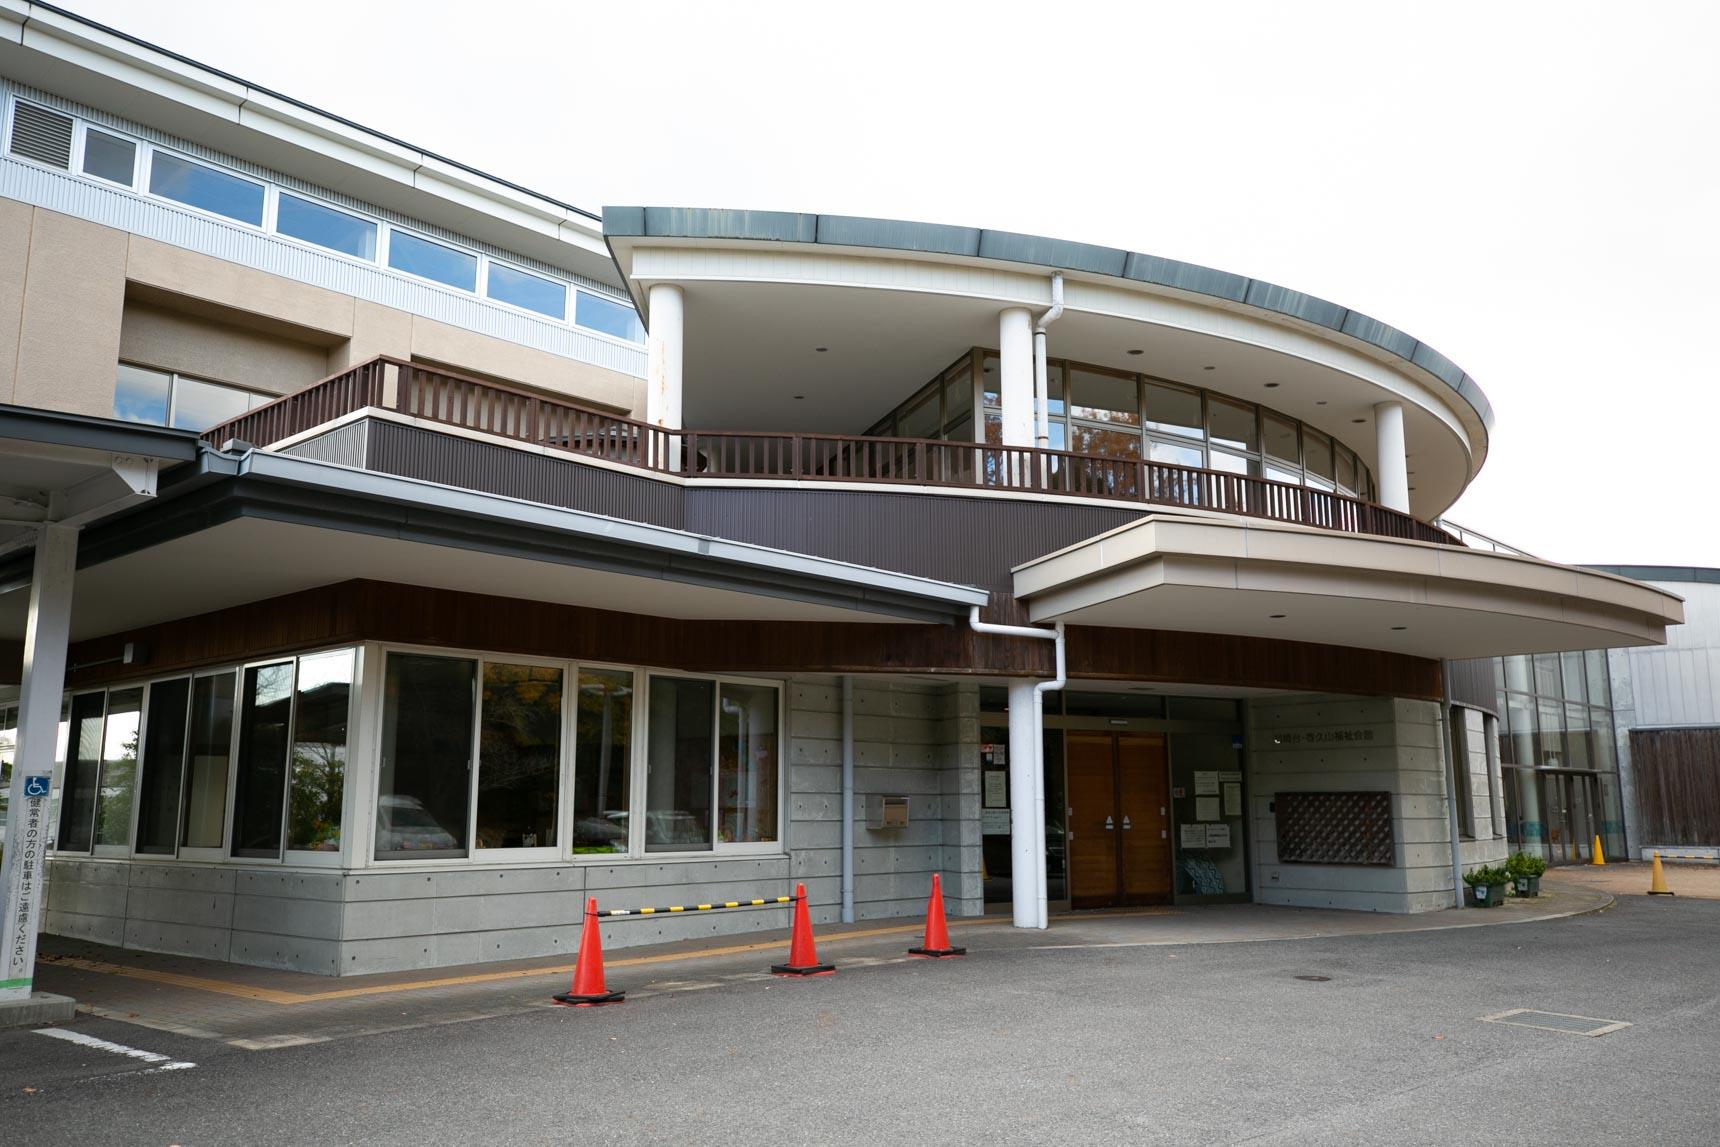 立派な建物は、岩崎台・香久山福祉会館。訪れた時には、多世代に渡る方々がみんなで合奏の練習をしていらっしゃるのが見えました。活動のためのスペースを無料で借りられるほか、子育ての情報交換ができる場や、子どもからお年寄りまで参加できるイベントなどがたくさん開かれています。